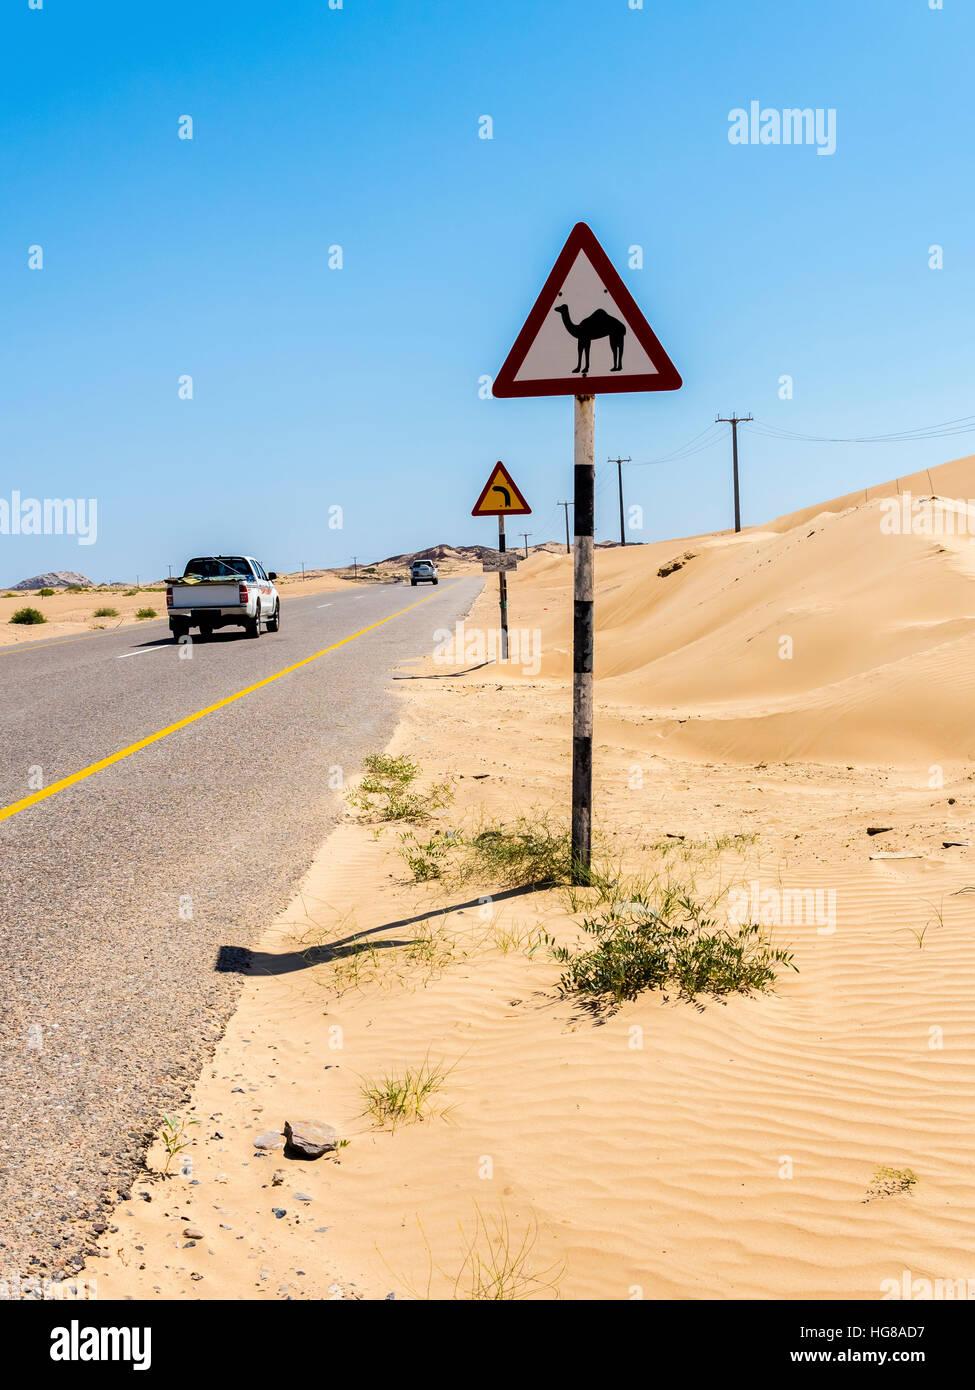 Straße durch Sandwüste mit Schild Warnung von Kamel Kreuzungen, Ash Sharqiyah Süd, Oman Stockbild